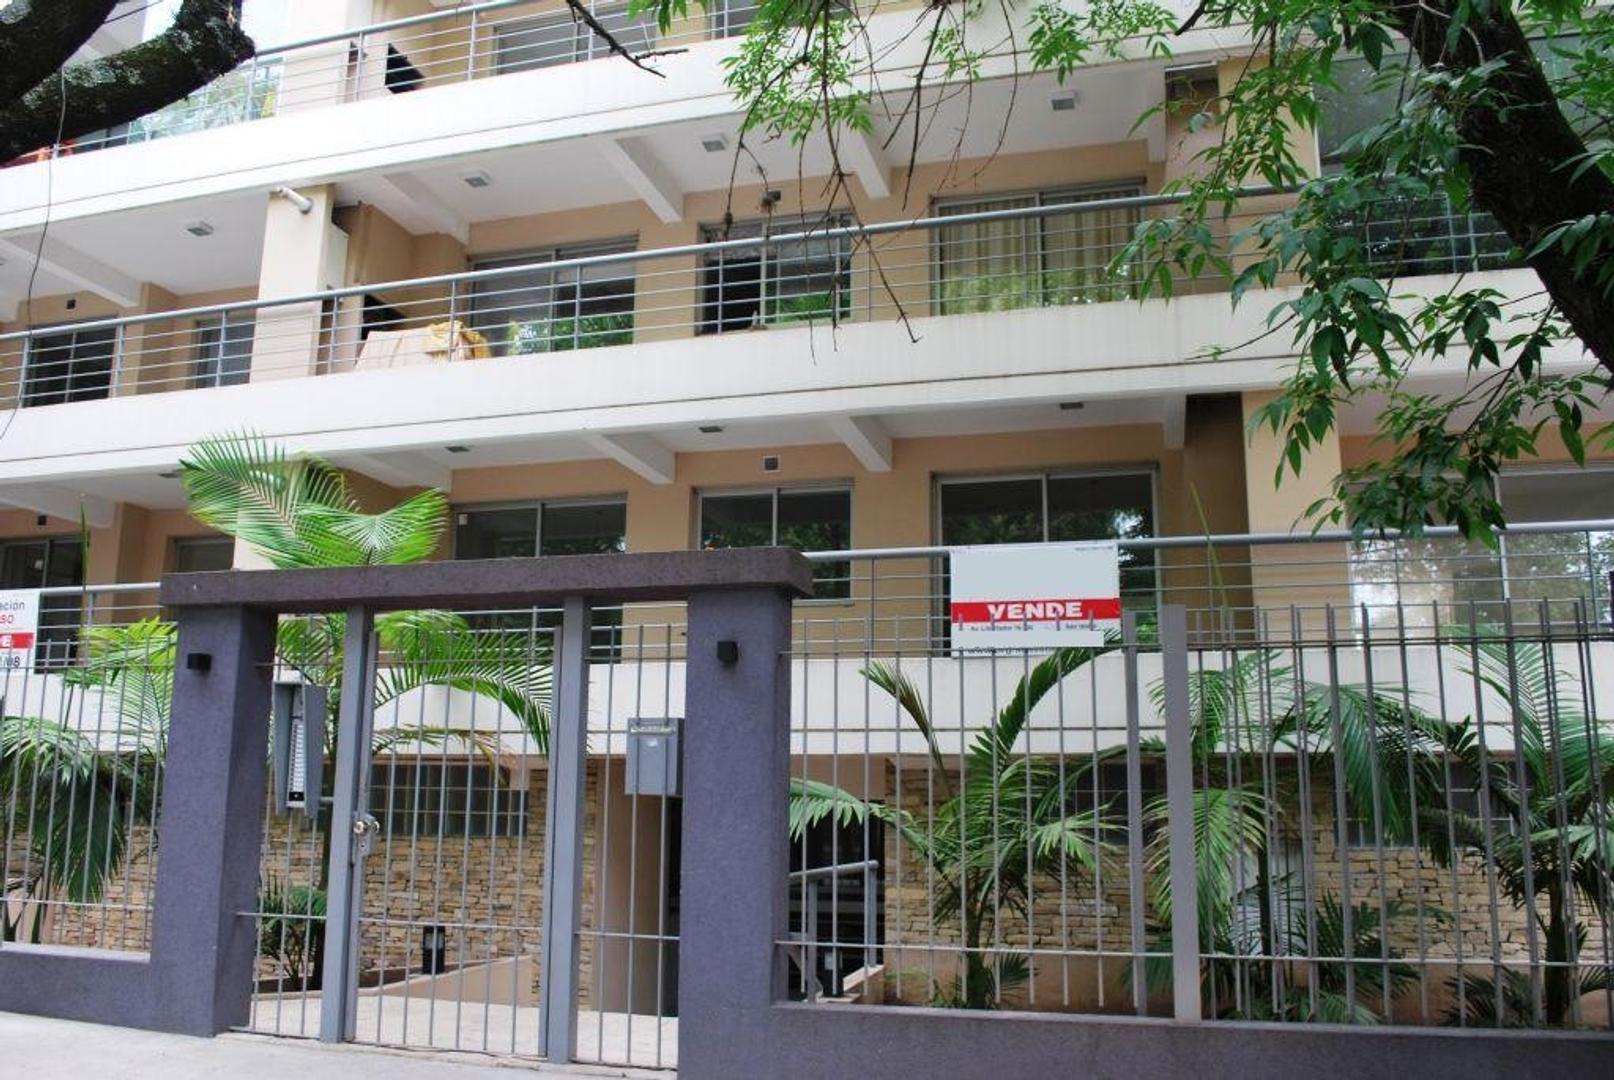 Departamento en Venta en Punta Chica - 3 ambientes